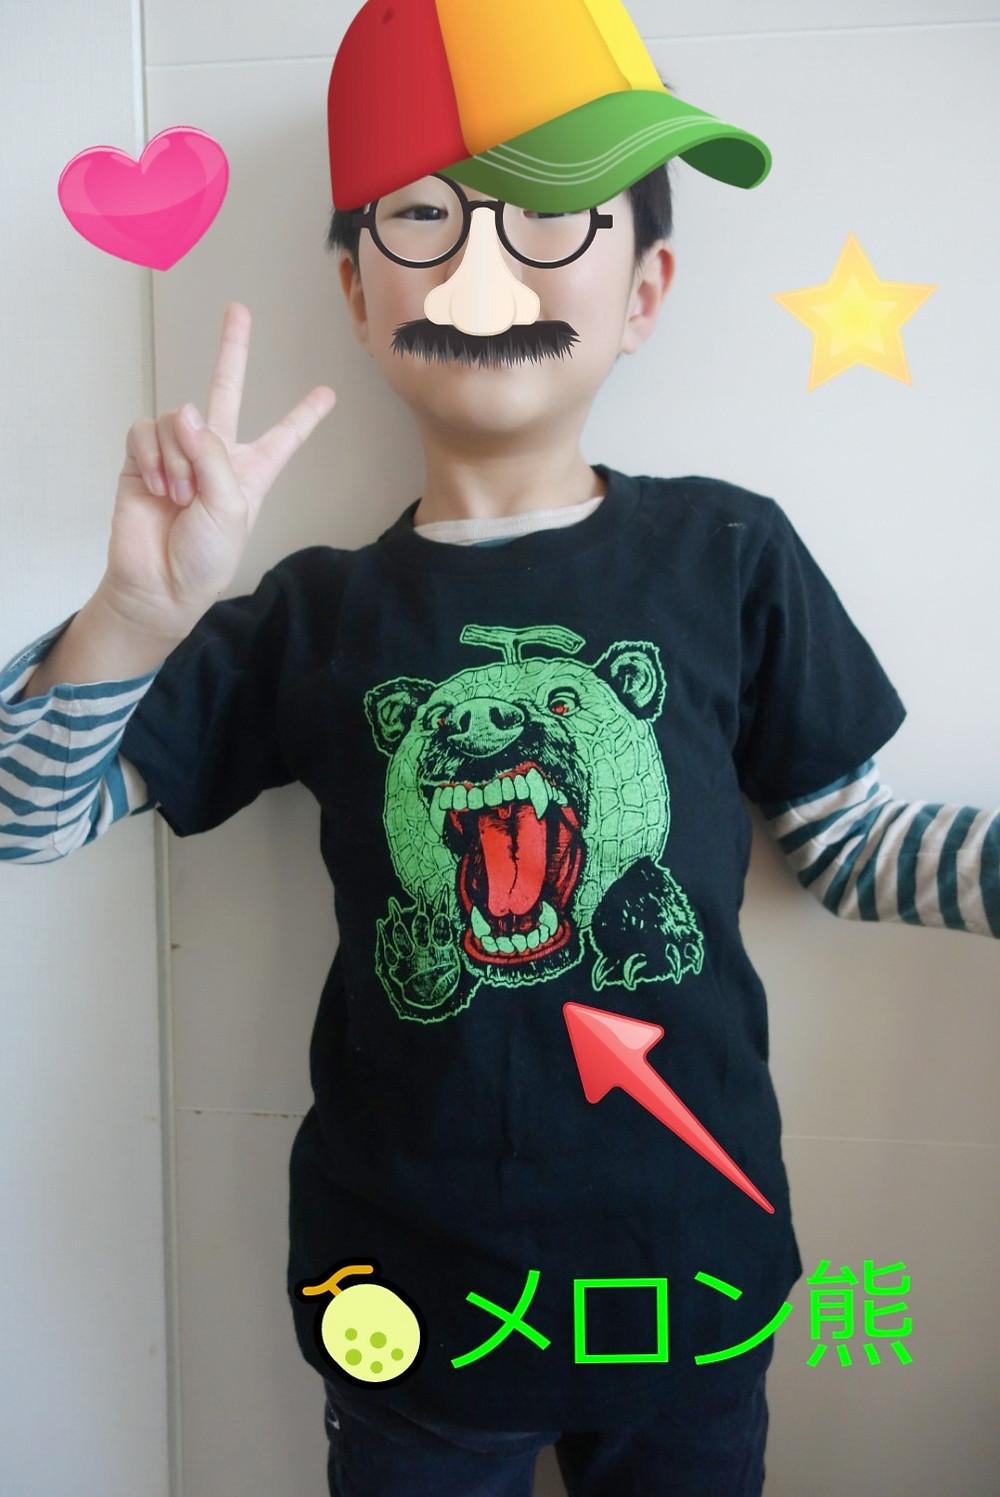 お気に入りのメロン熊のTシャツを着る息子